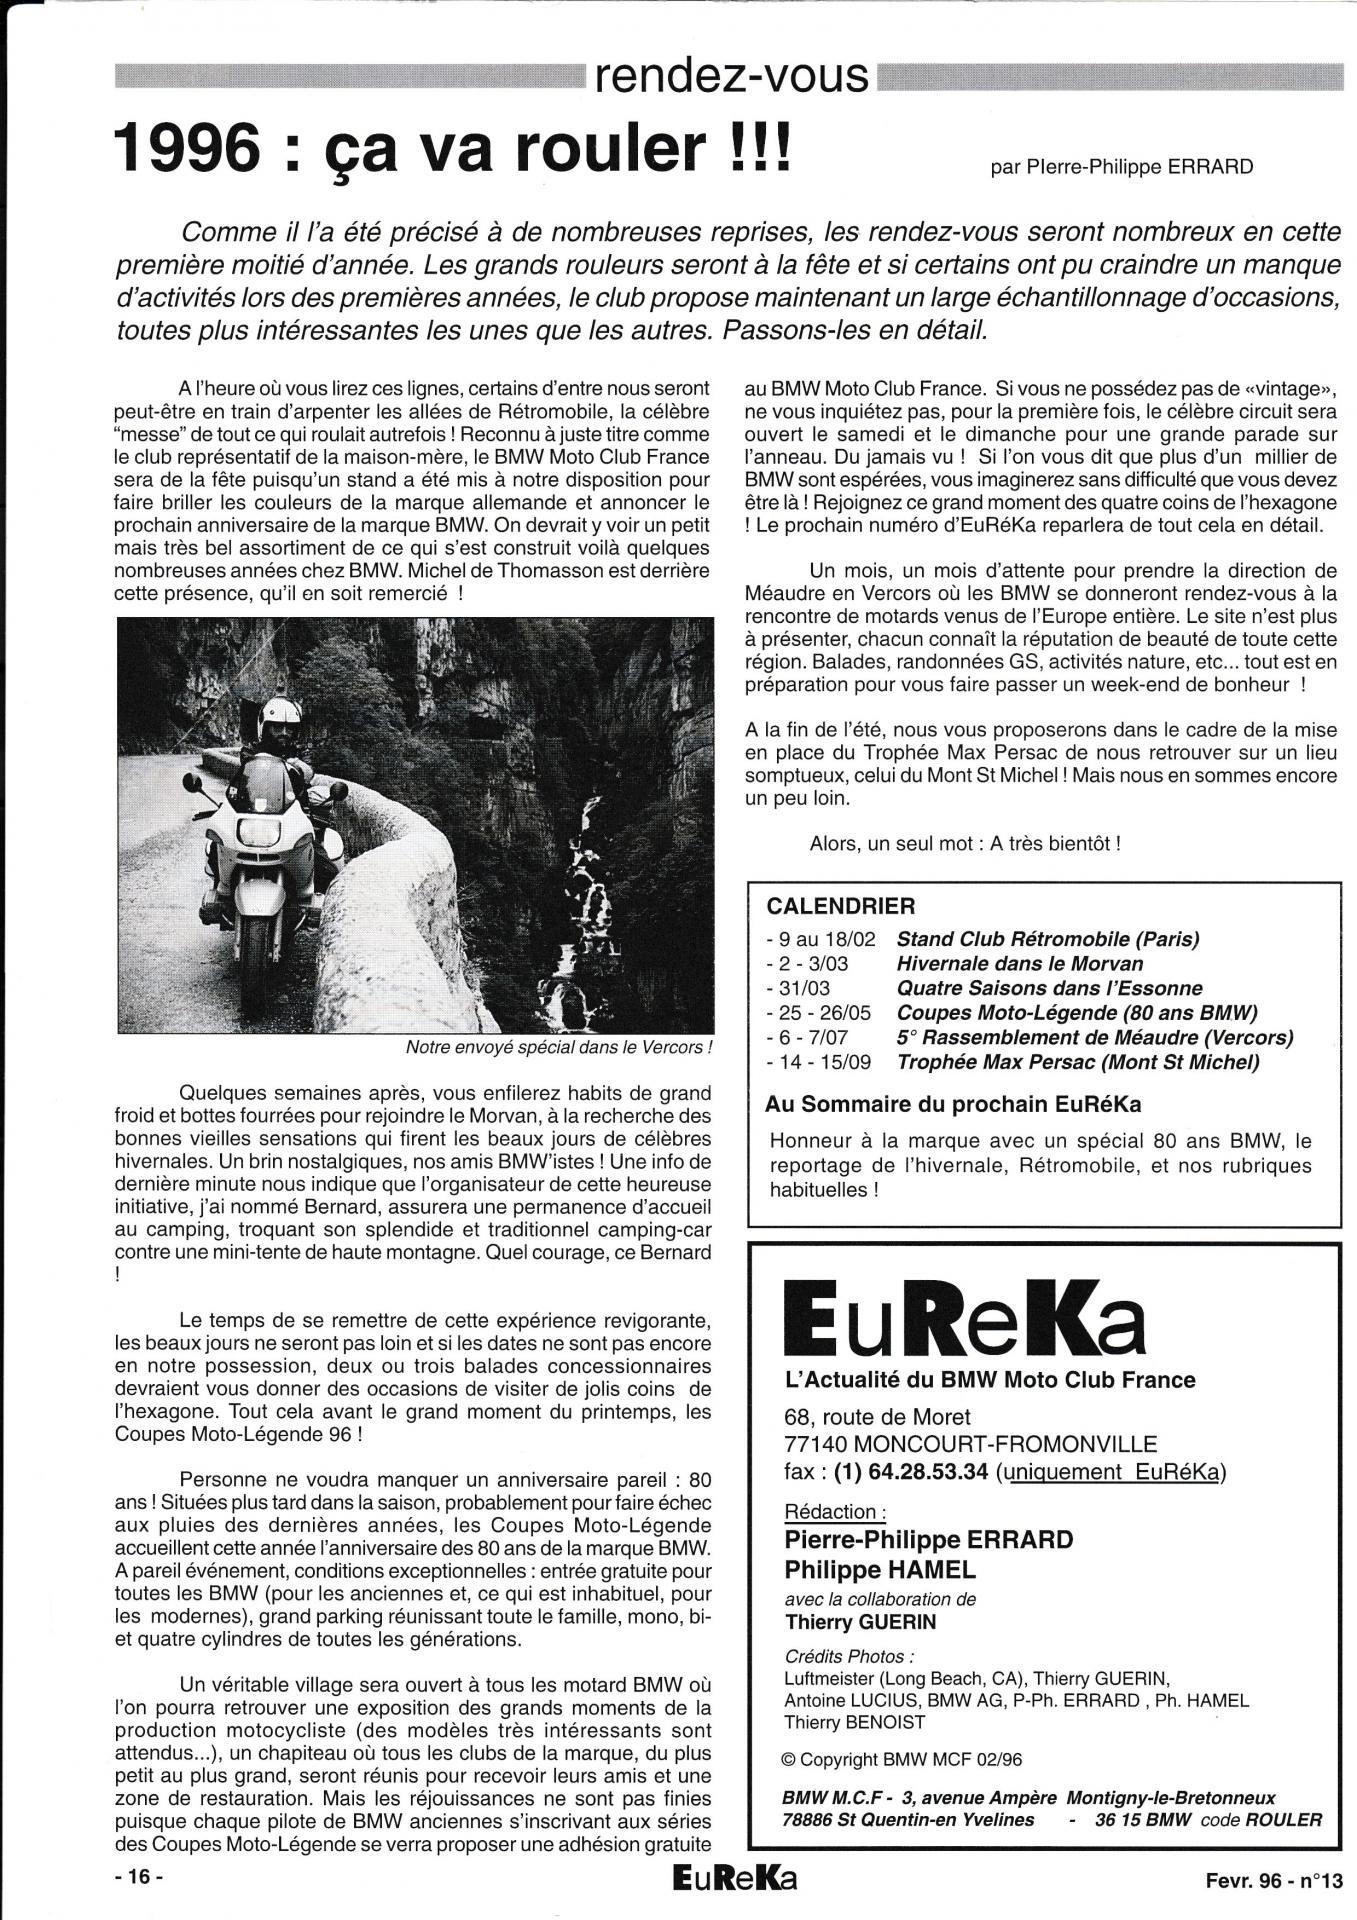 Eureka n 13 16